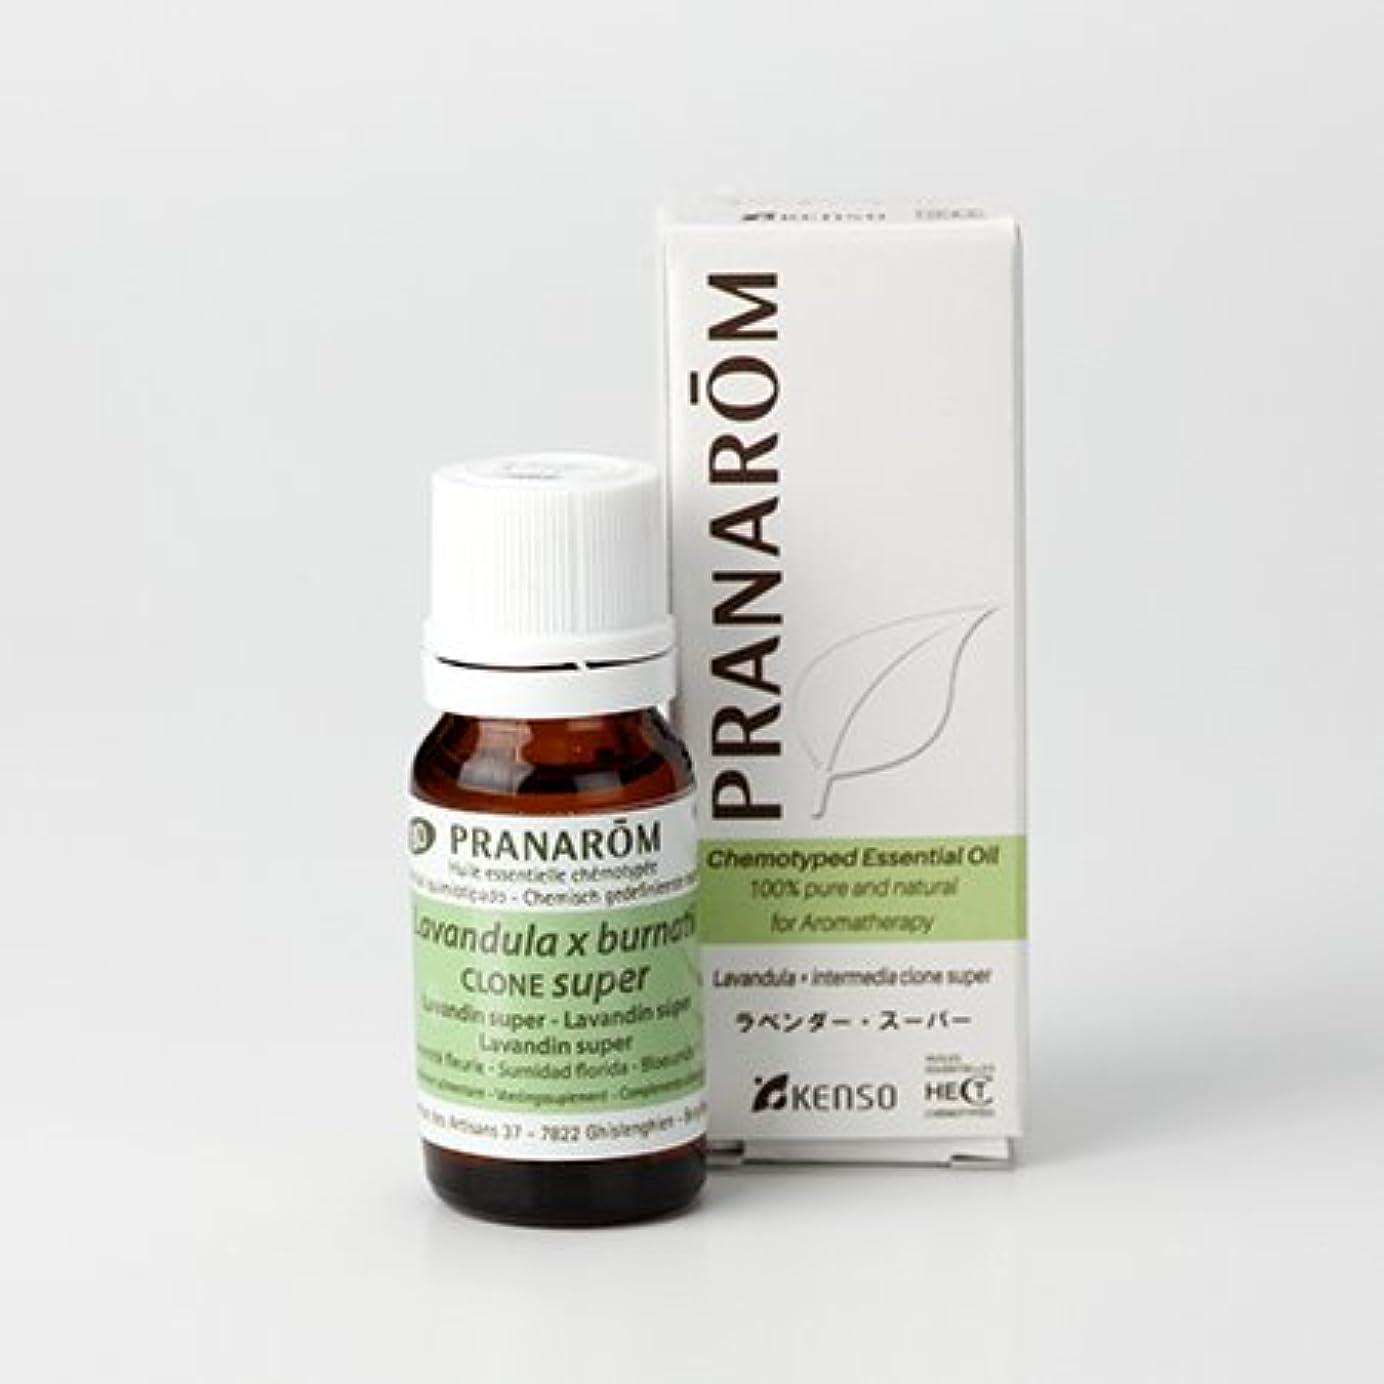 実行ヘア現れるプラナロム ( PRANAROM ) 精油 ラベンダー?スーパー 10ml p-100 ラベンダースーパー